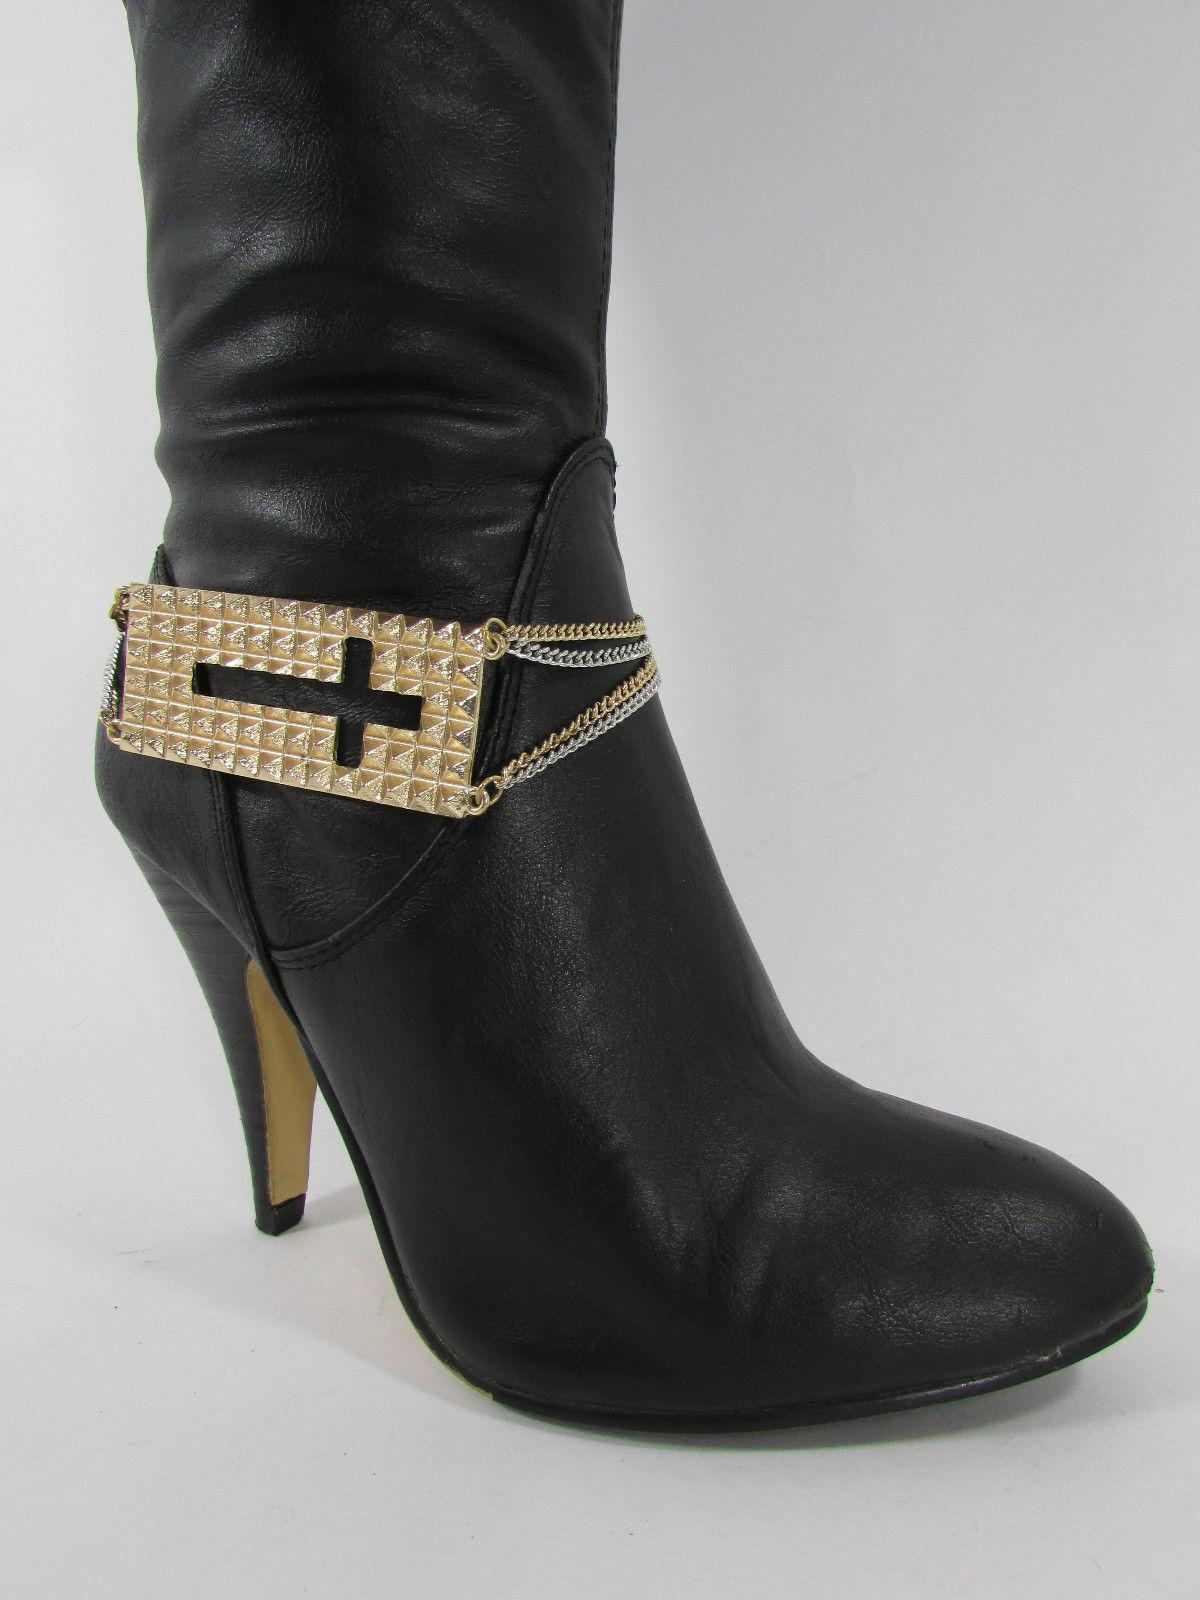 Femme Mode Bijoux Coffre Bracelet or Plaque Croix Chaînes Chaussure Bling image 5